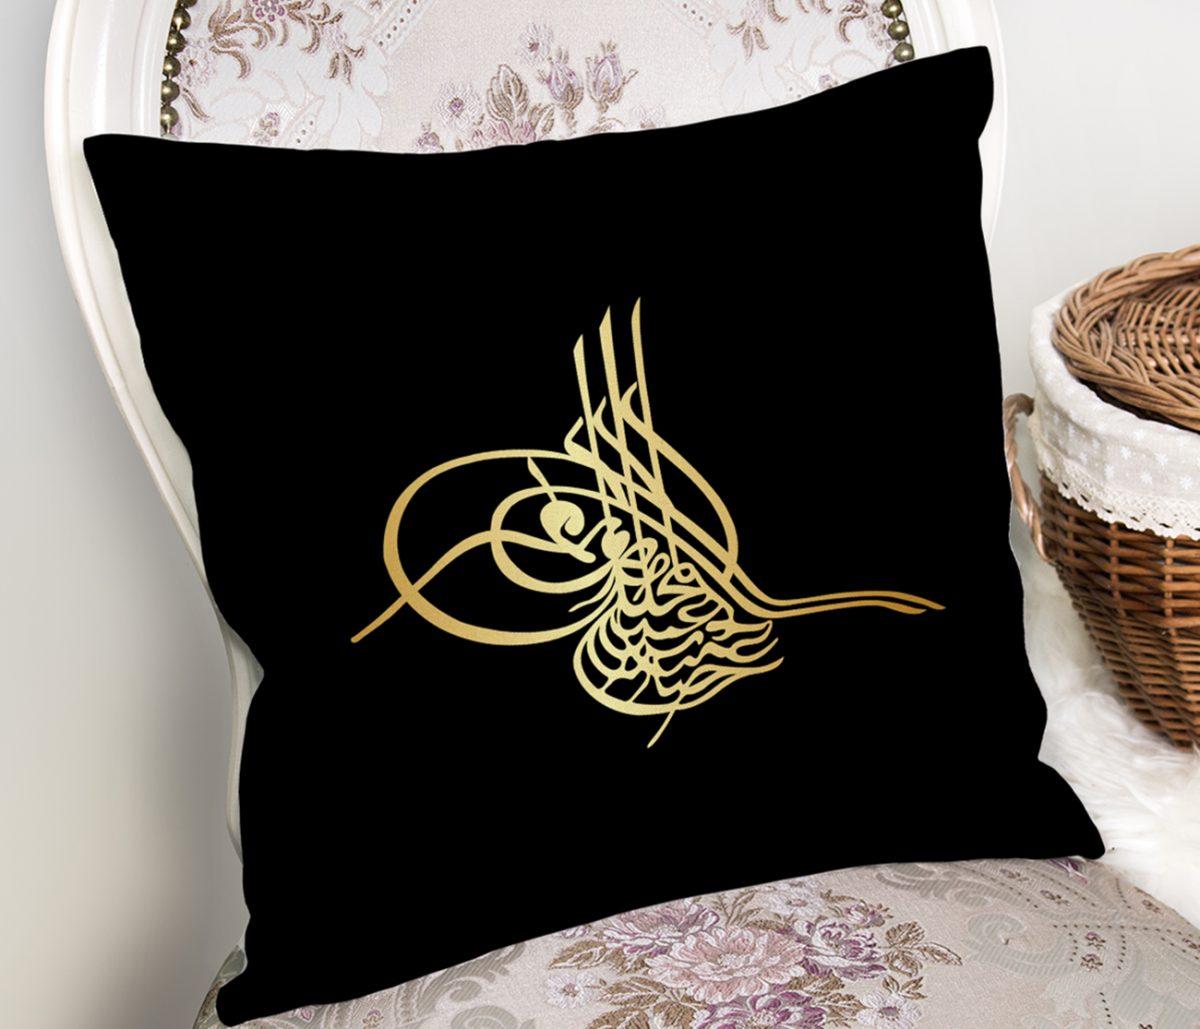 RealHomes Siyah Zeminde Gold Osmanlı Turası Özel Tasarım Dijital Baskılı Kırlent Kılıfı Realhomes